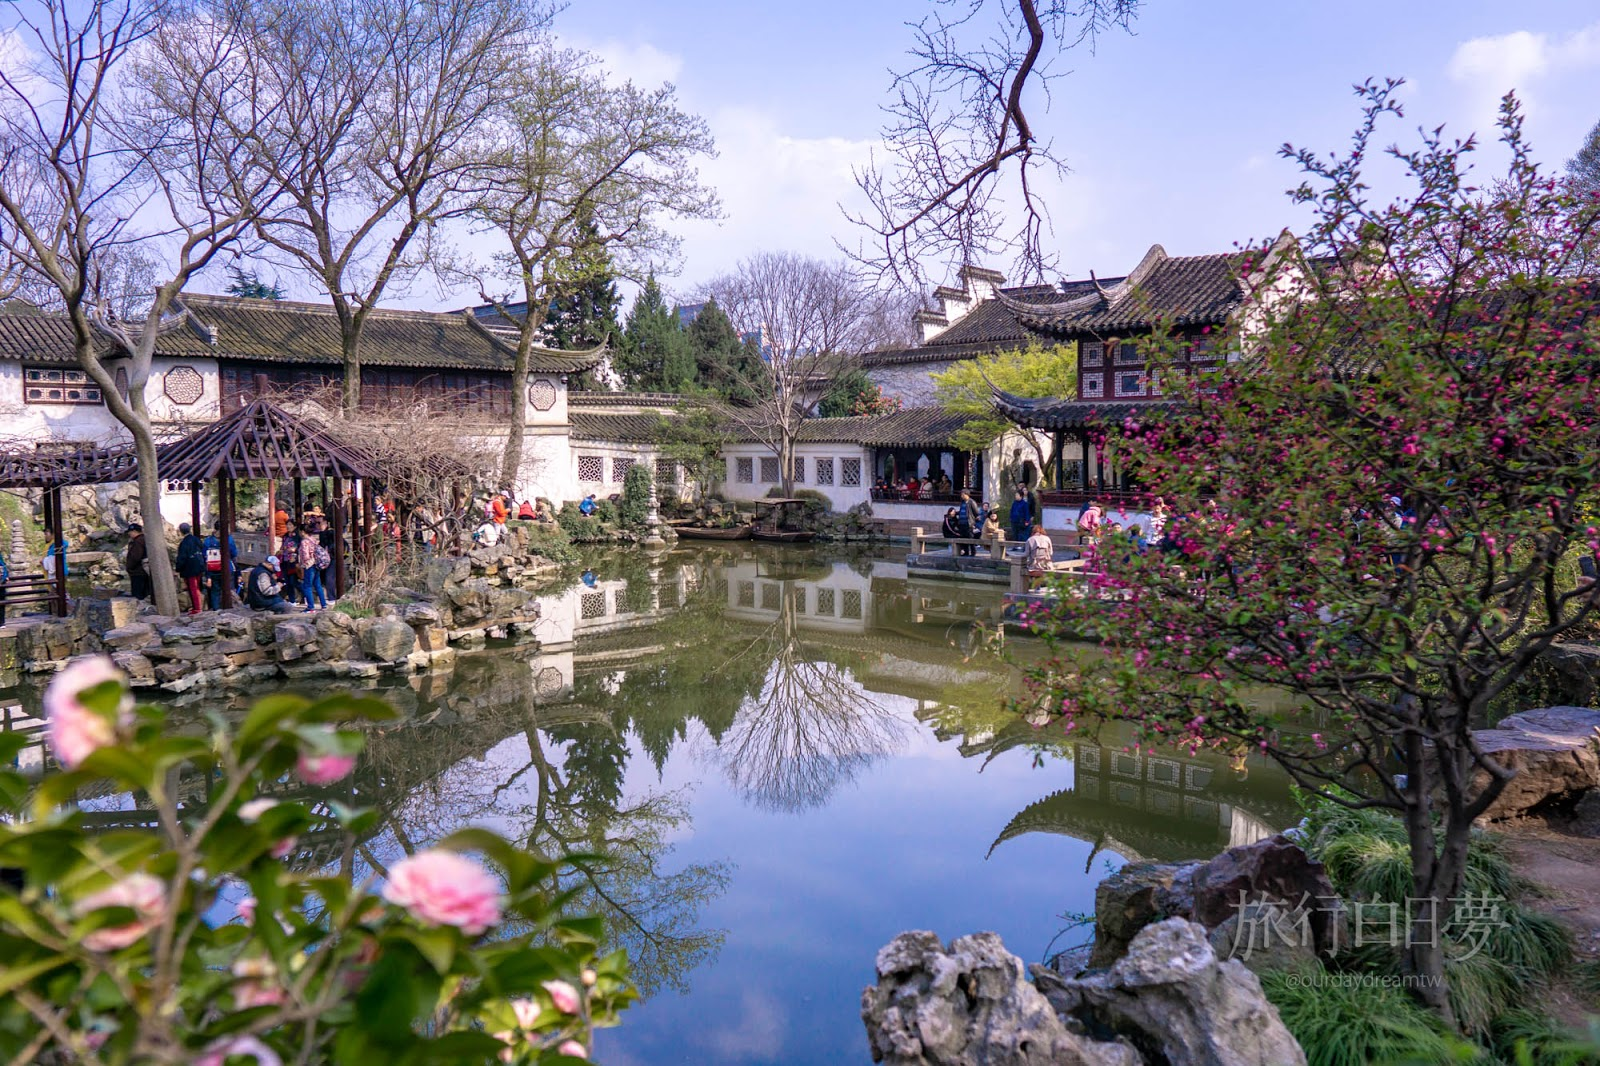 蘇州園林│中國四大名園「留園」步入曲徑幽藏的曠世山水